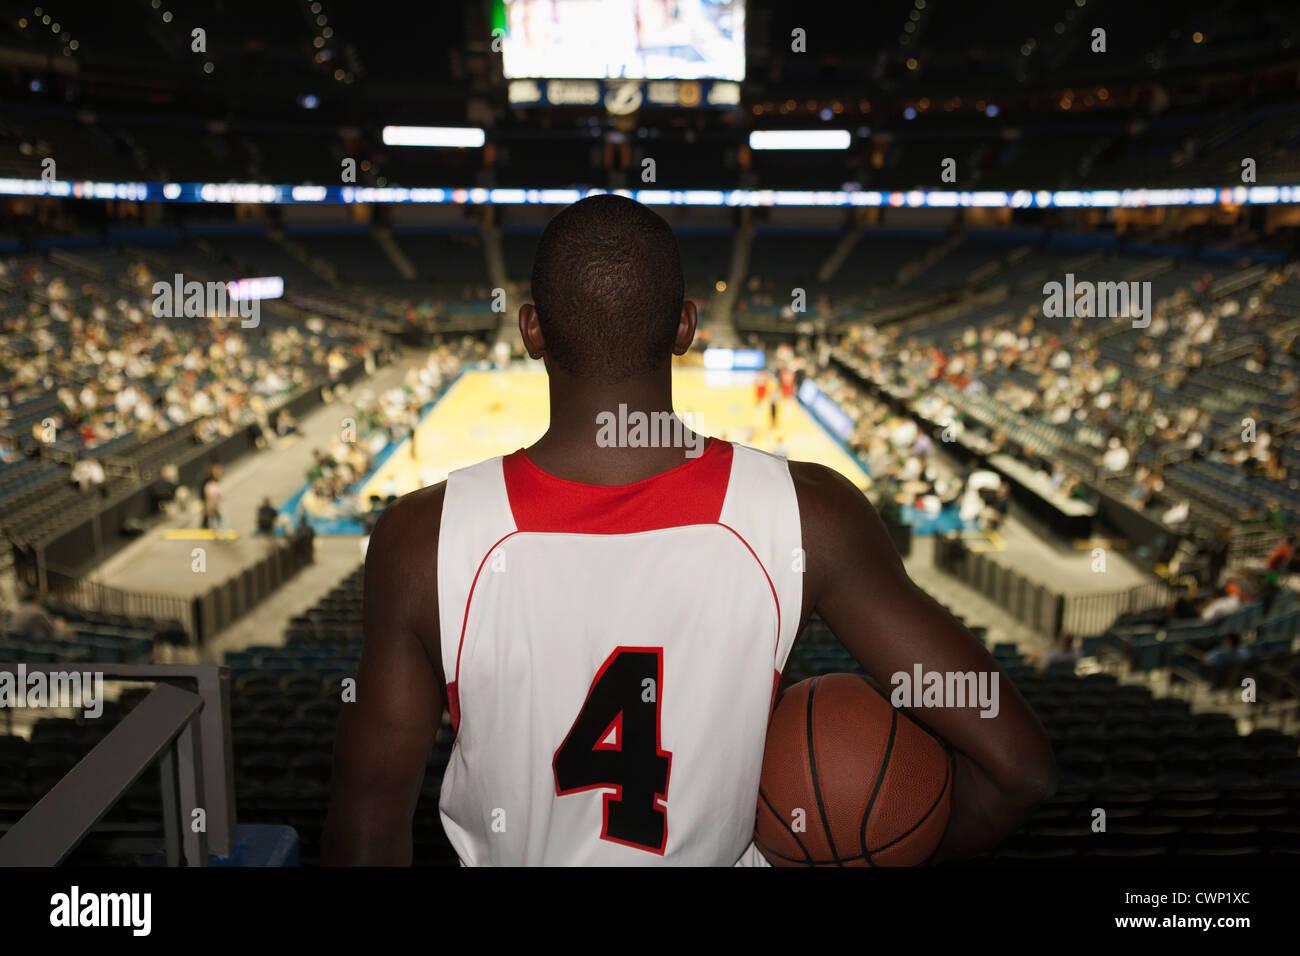 El jugador de baloncesto mirando hacia abajo en el estadio, vista trasera Imagen De Stock